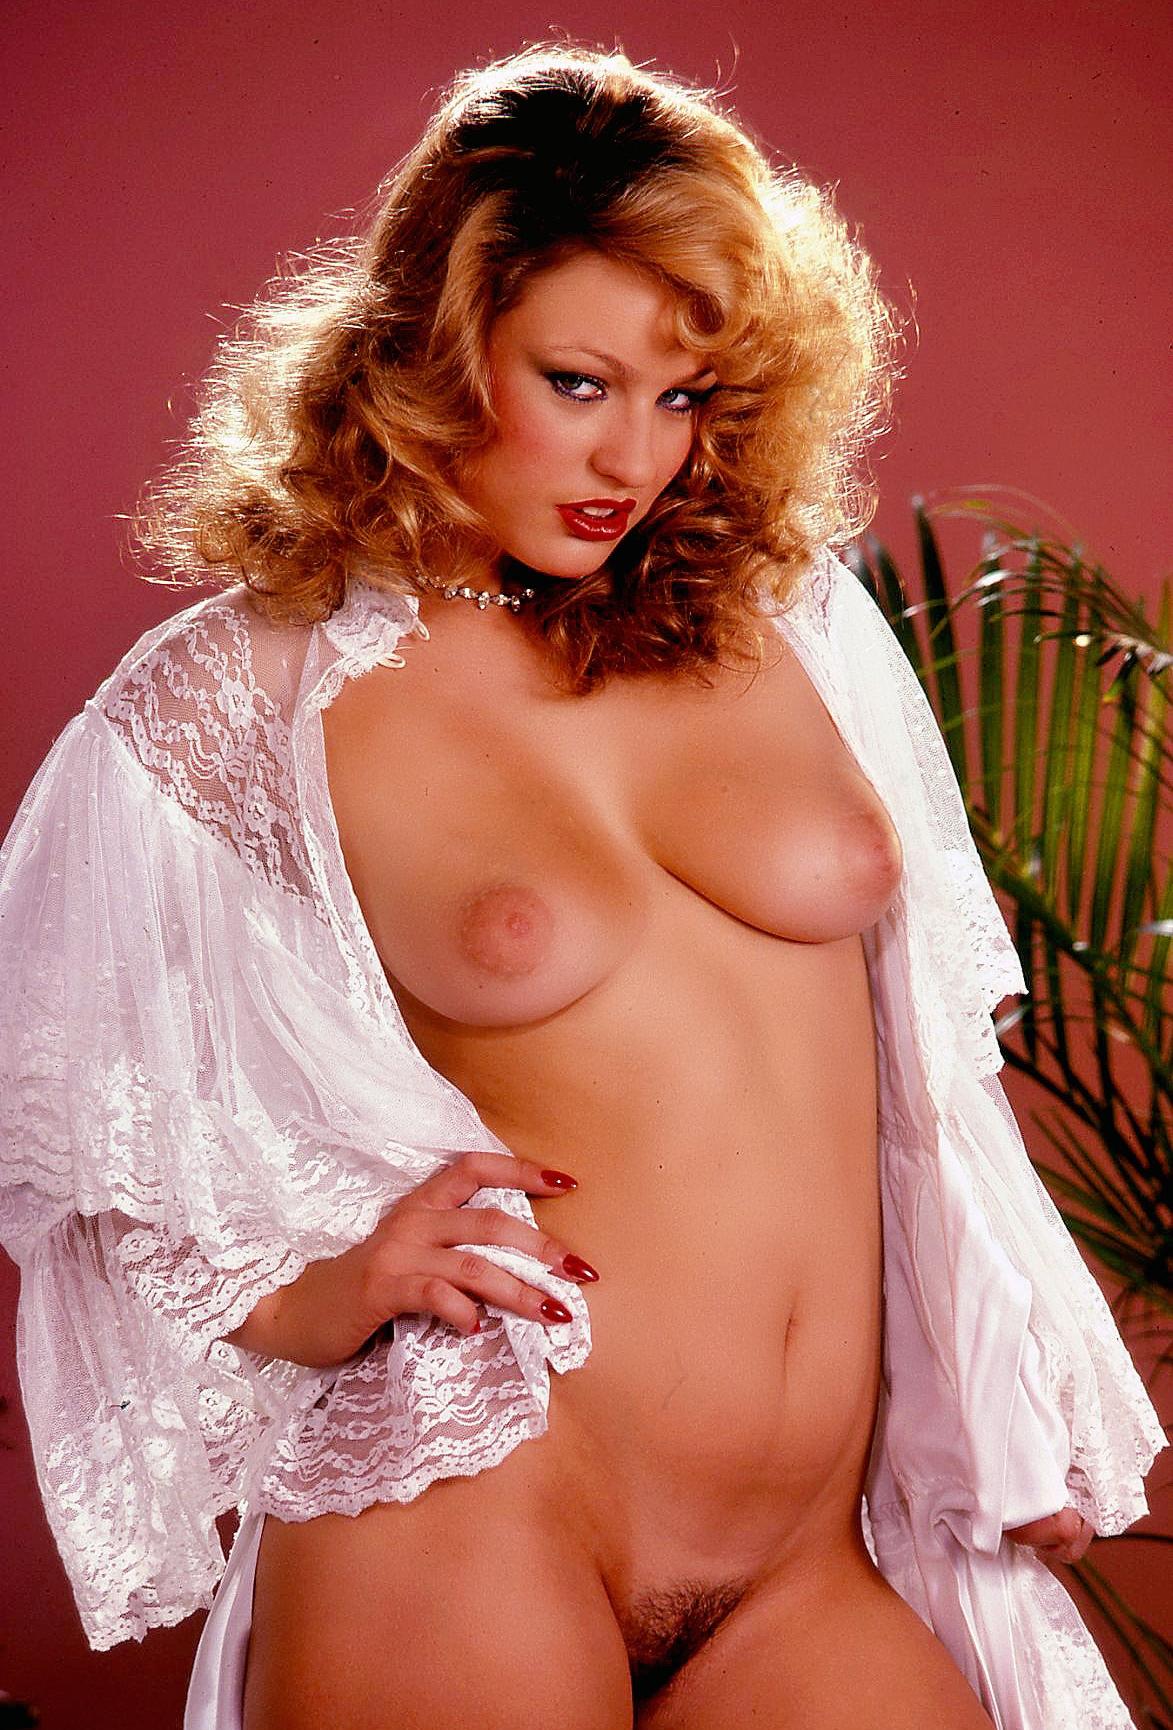 Секс голые ретро красотки фото фото врач